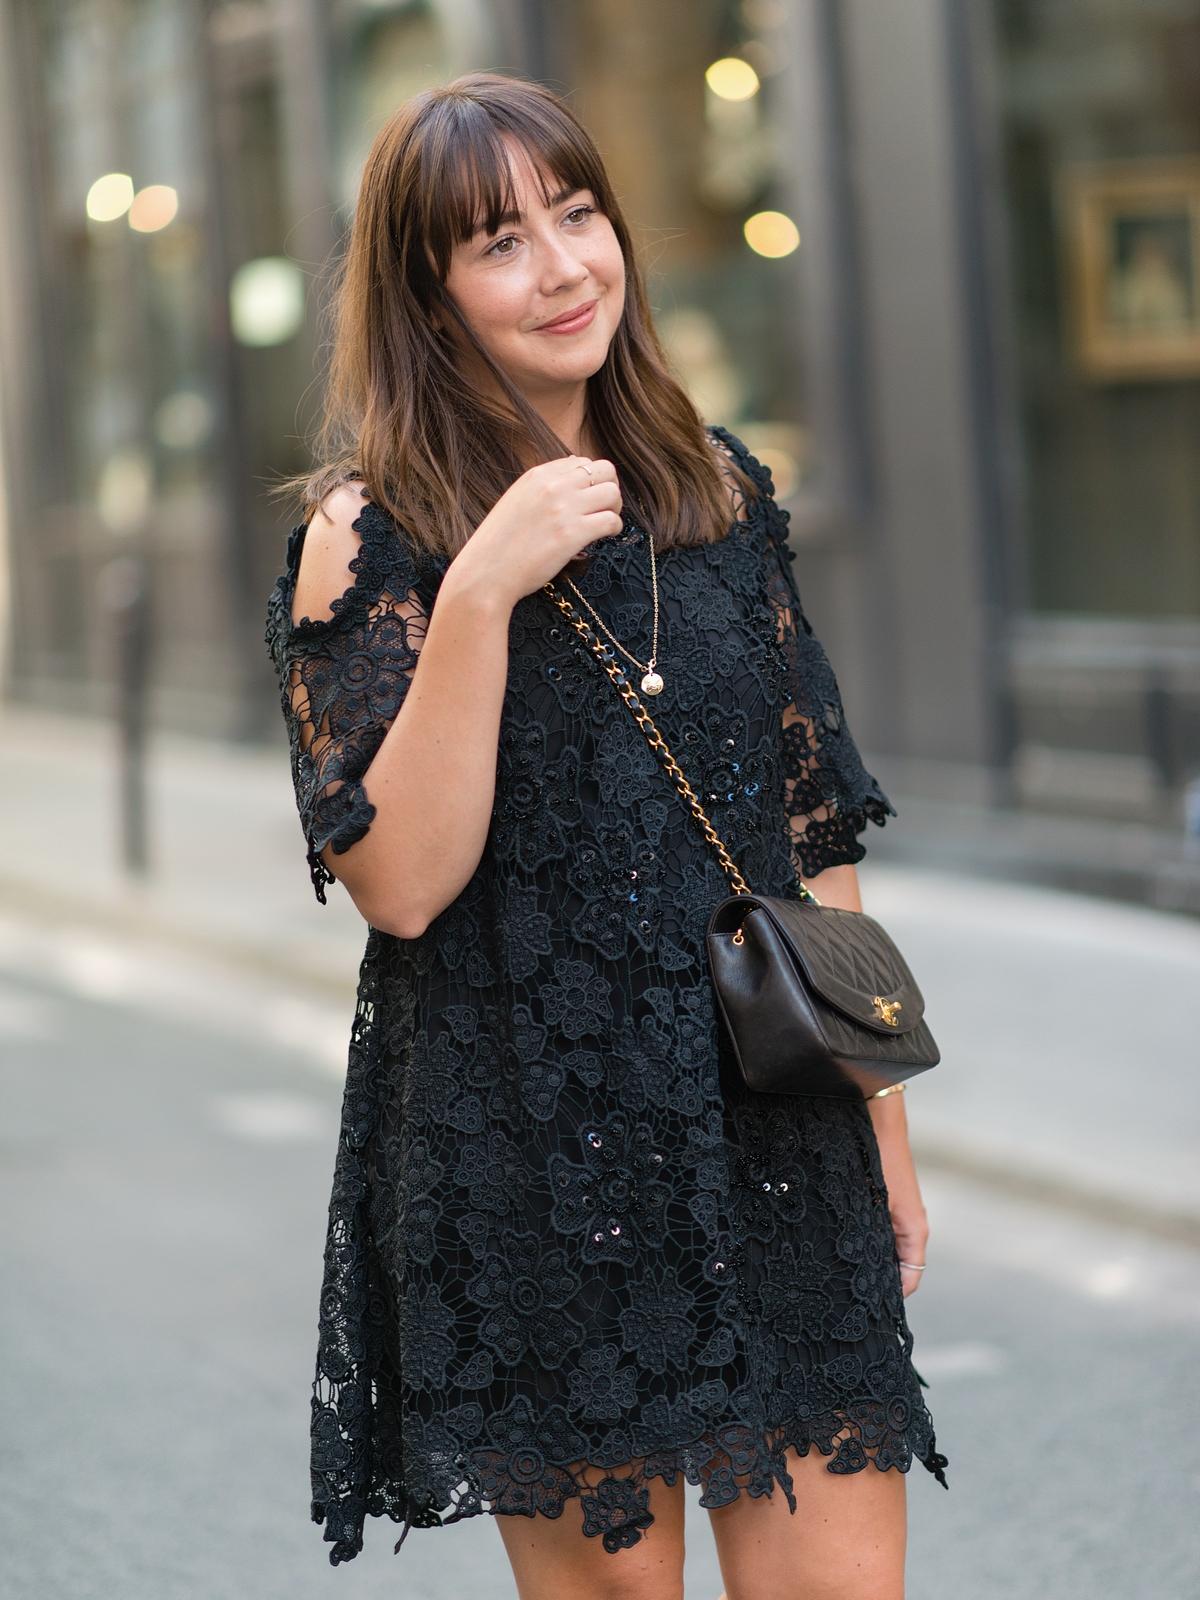 la petite robe noire - crochet - black dress - summer - parisienne